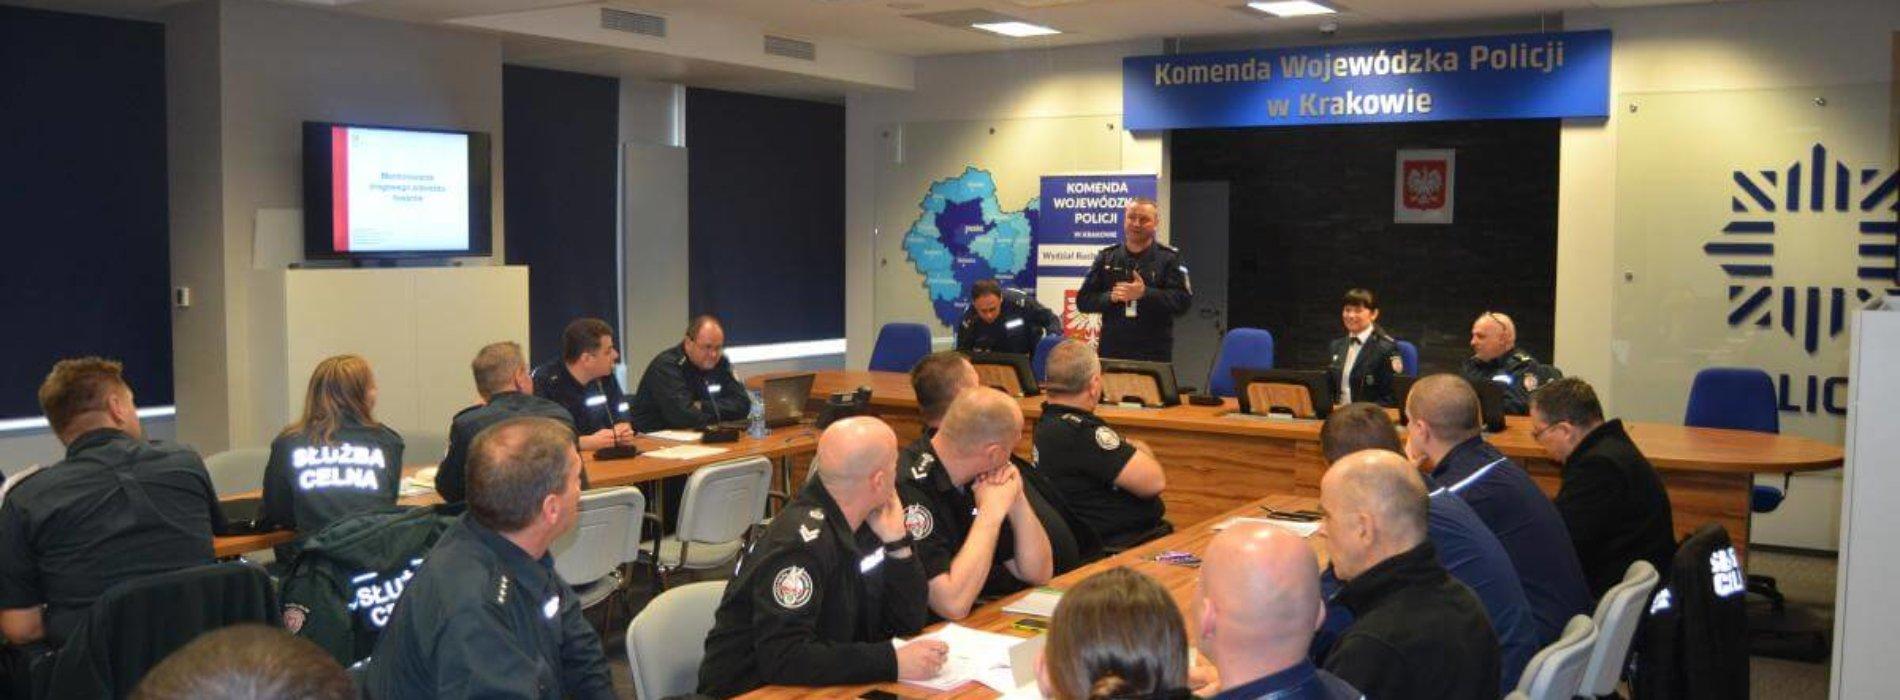 Szkolenie dotyczące Ustawy o systemie monitorowania drogowego przewozu towarów